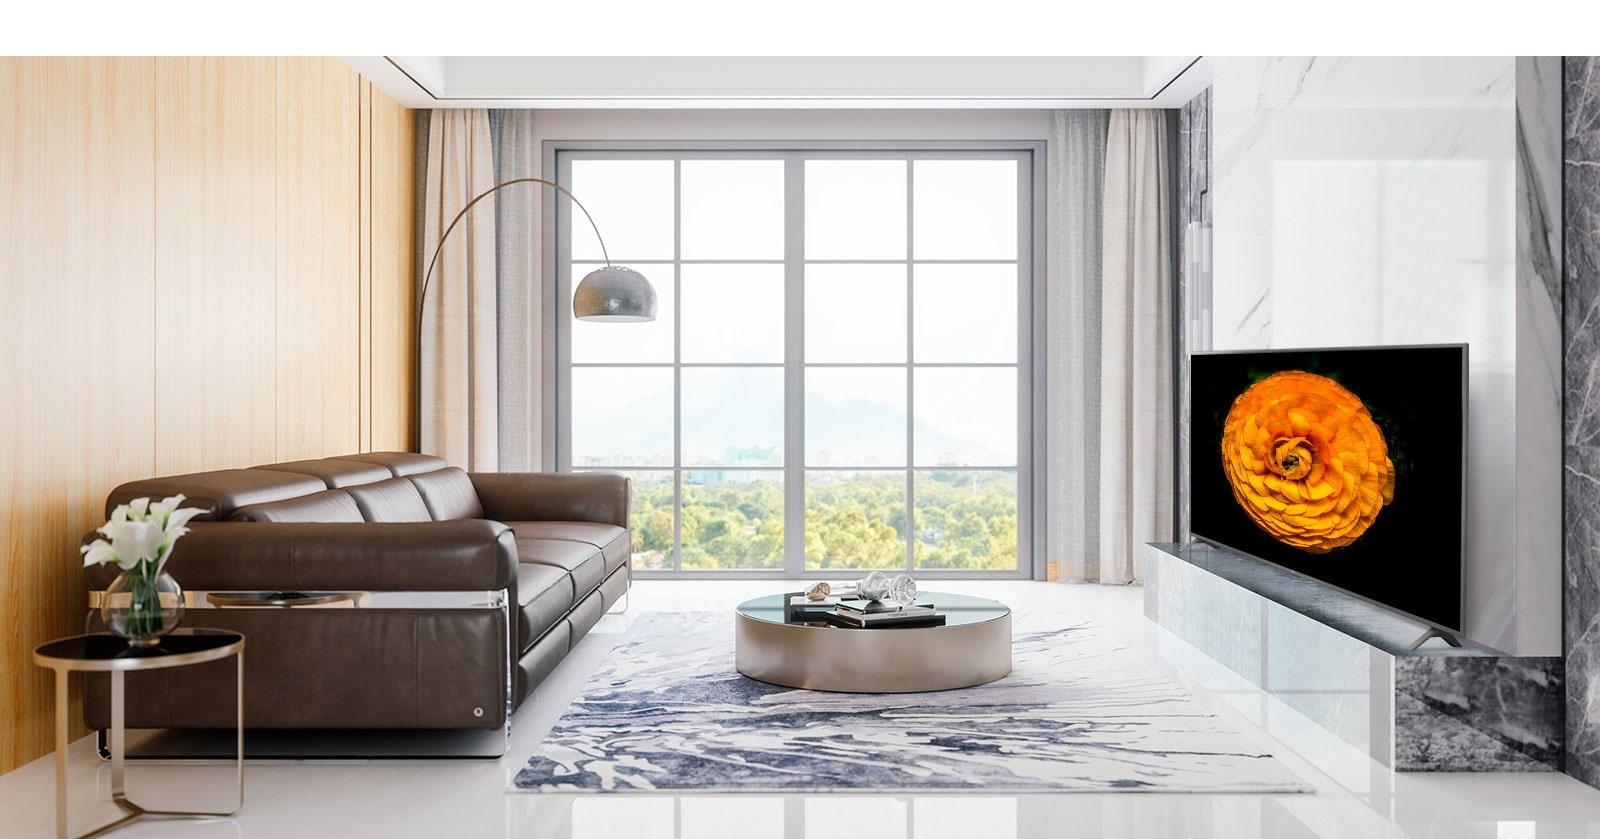 Televizor LG UHD na zidu u dnevnoj sobi s minimalističkim interijerom. Na zaslonu televizora prikazana je slika cvijeta.